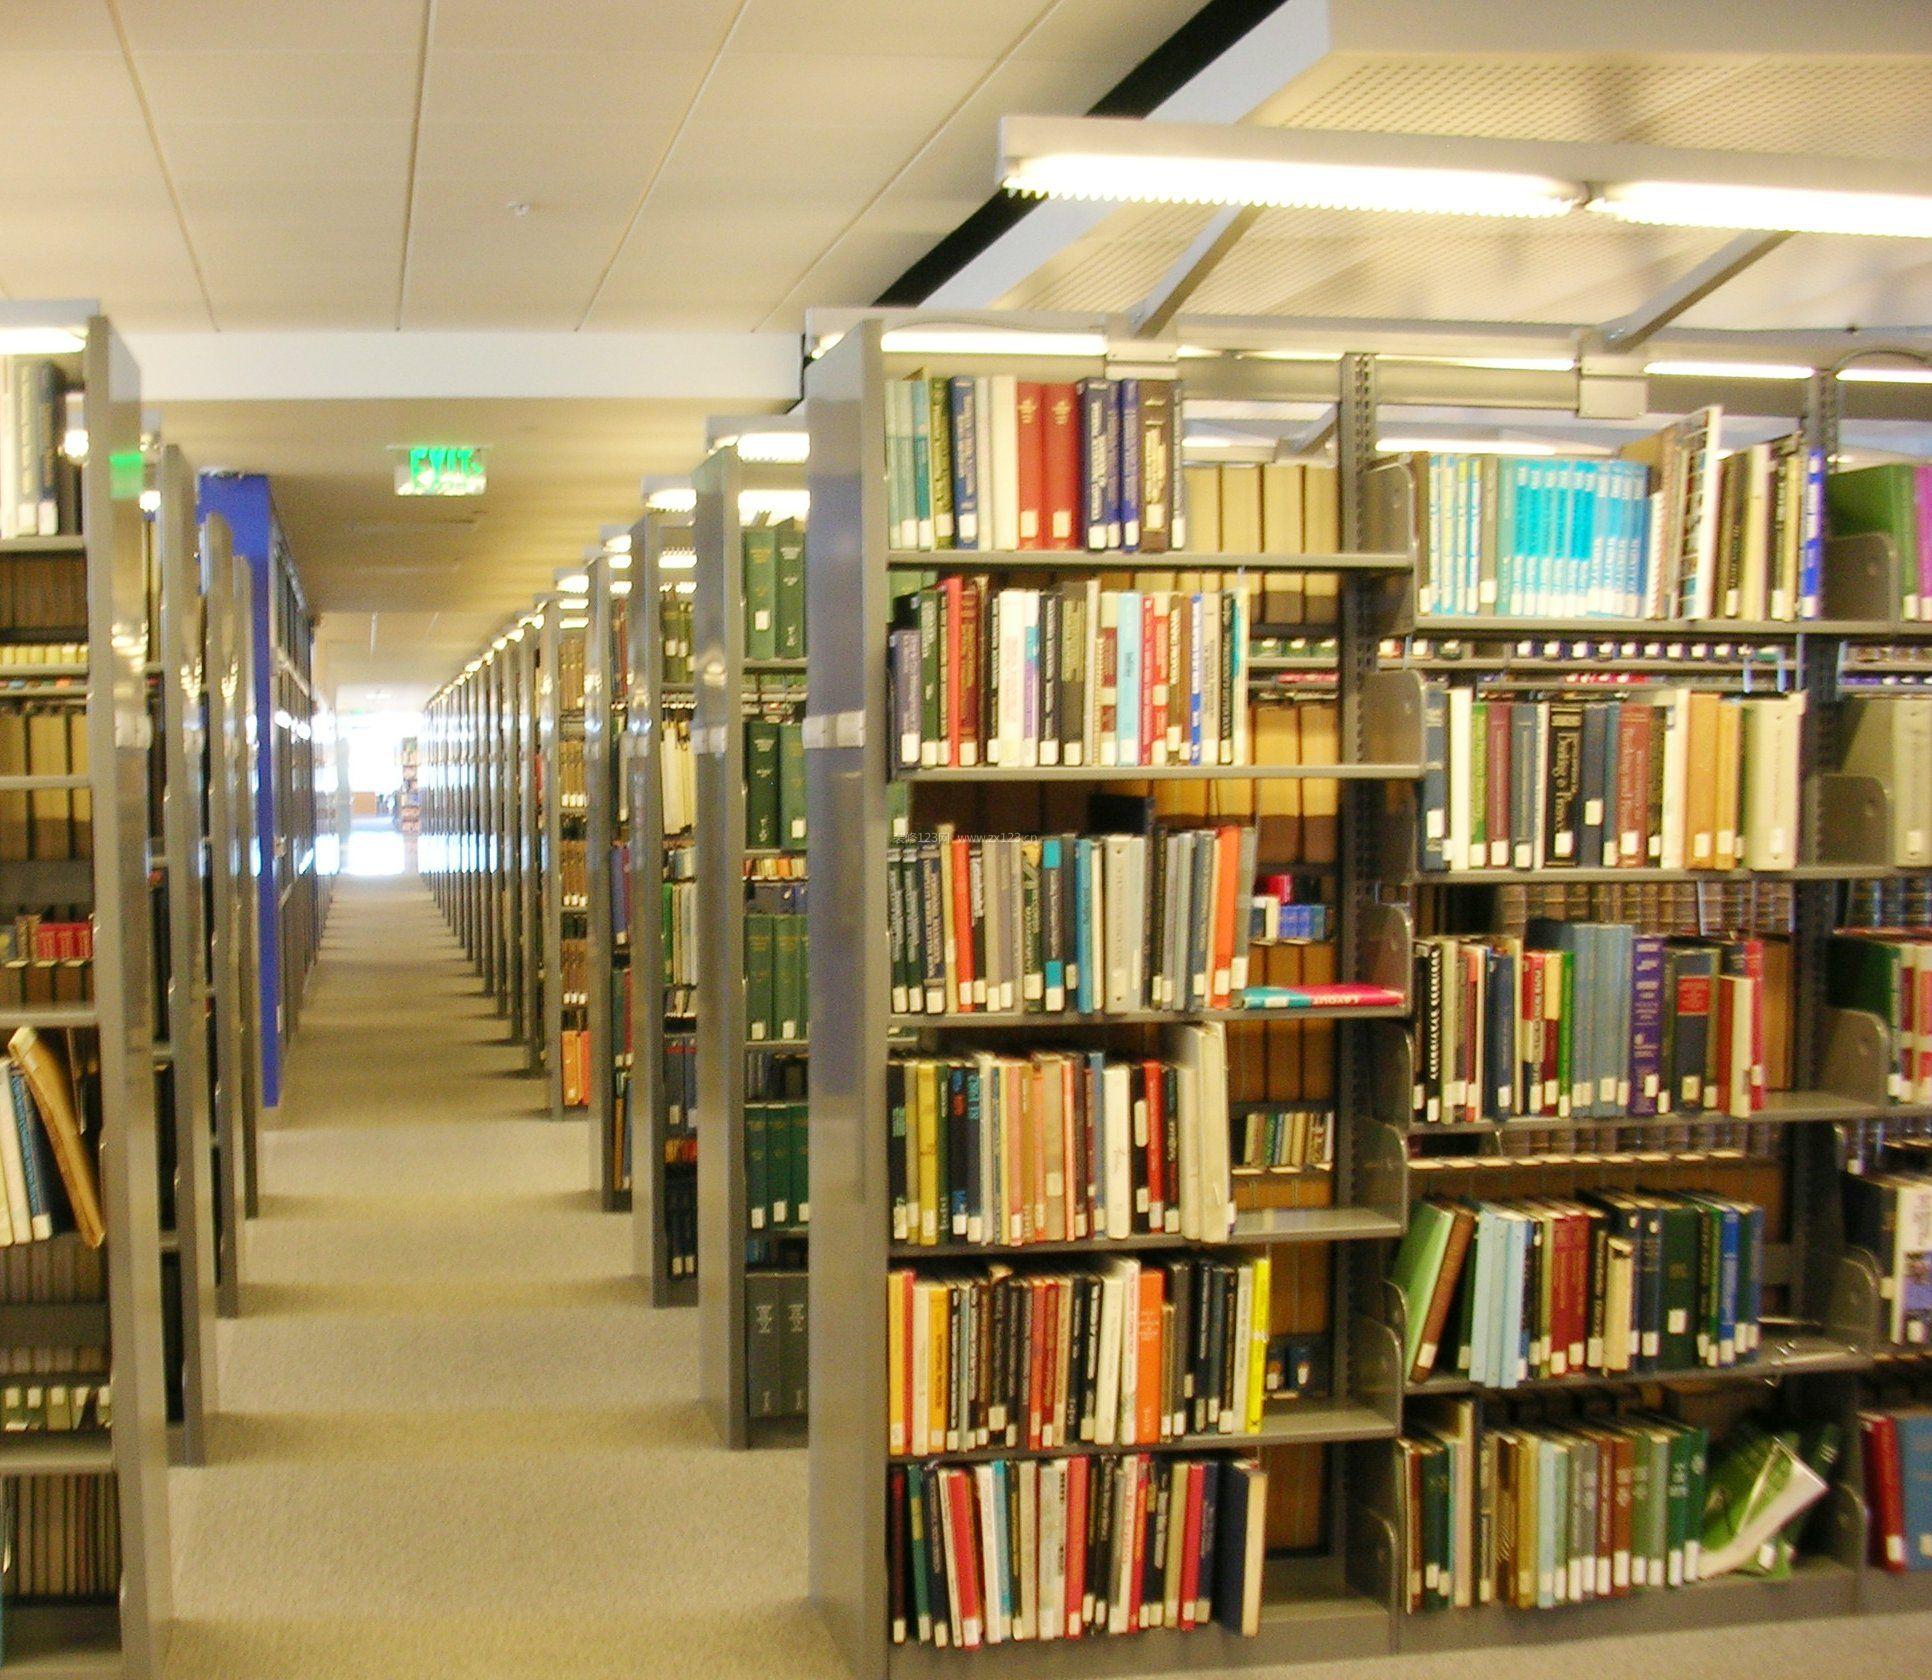 大型图书馆室内书架装饰设计效果图